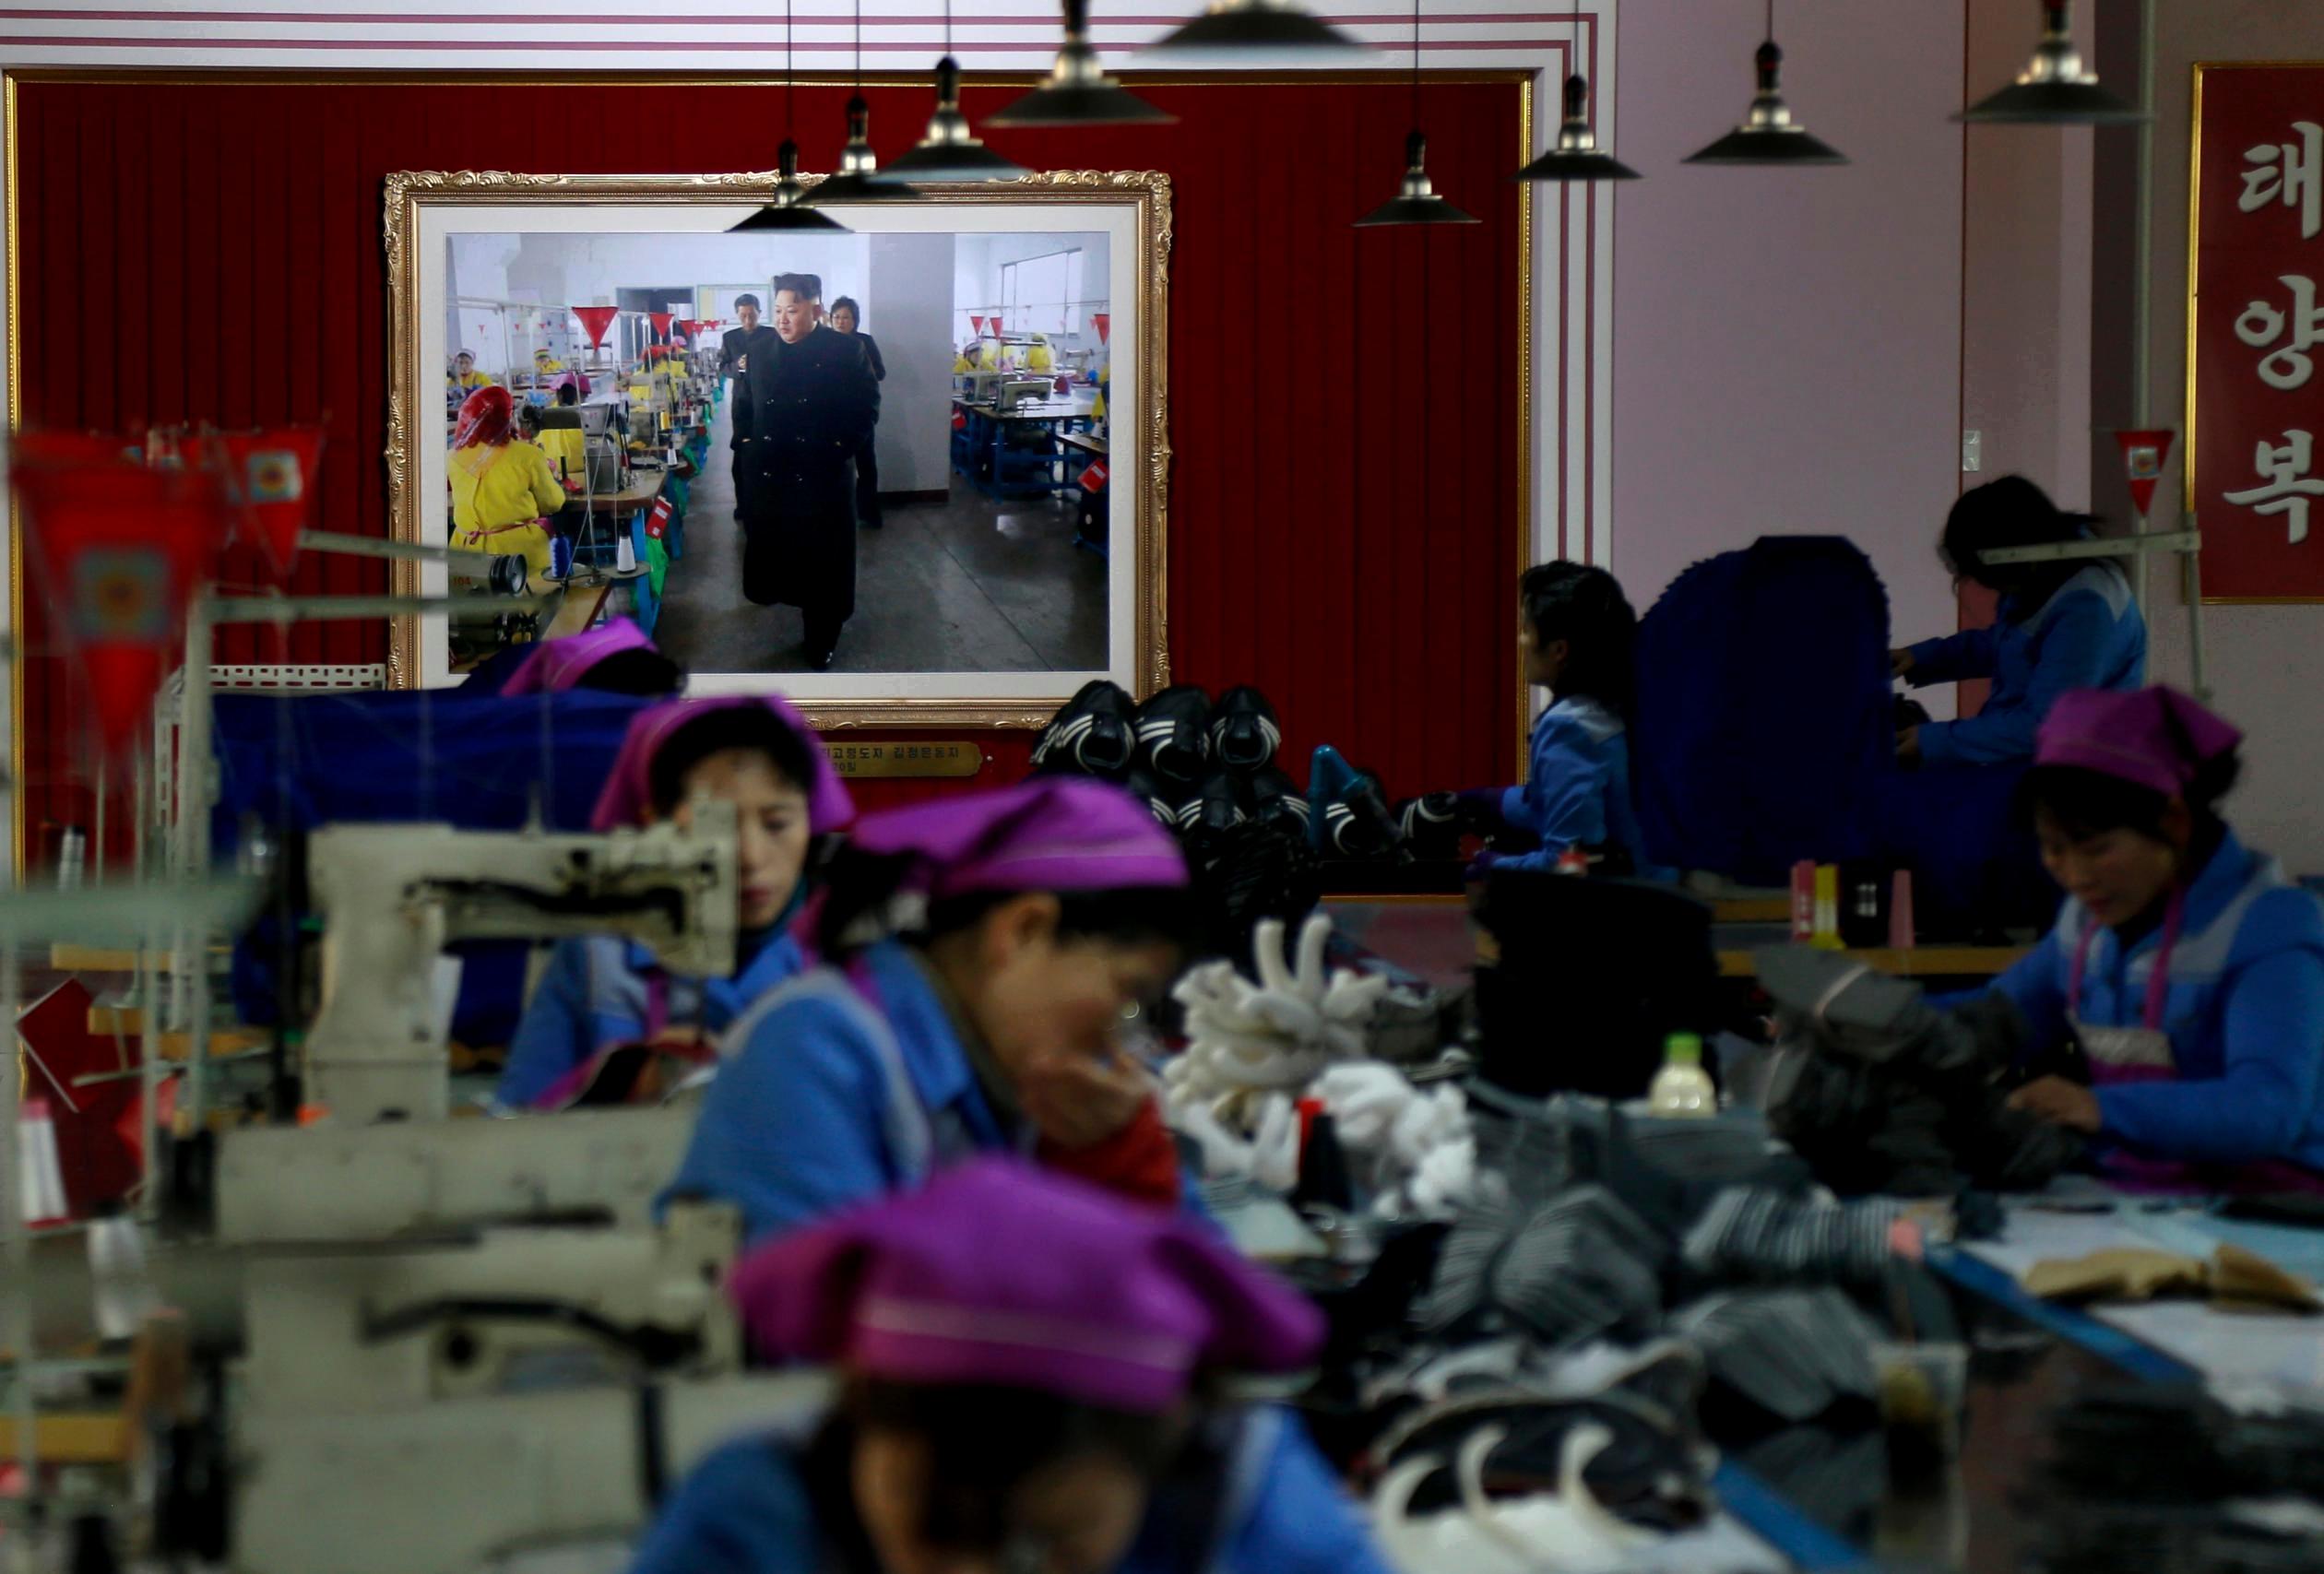 Северная Корея копирует кроссовки крупных спортивных брендов